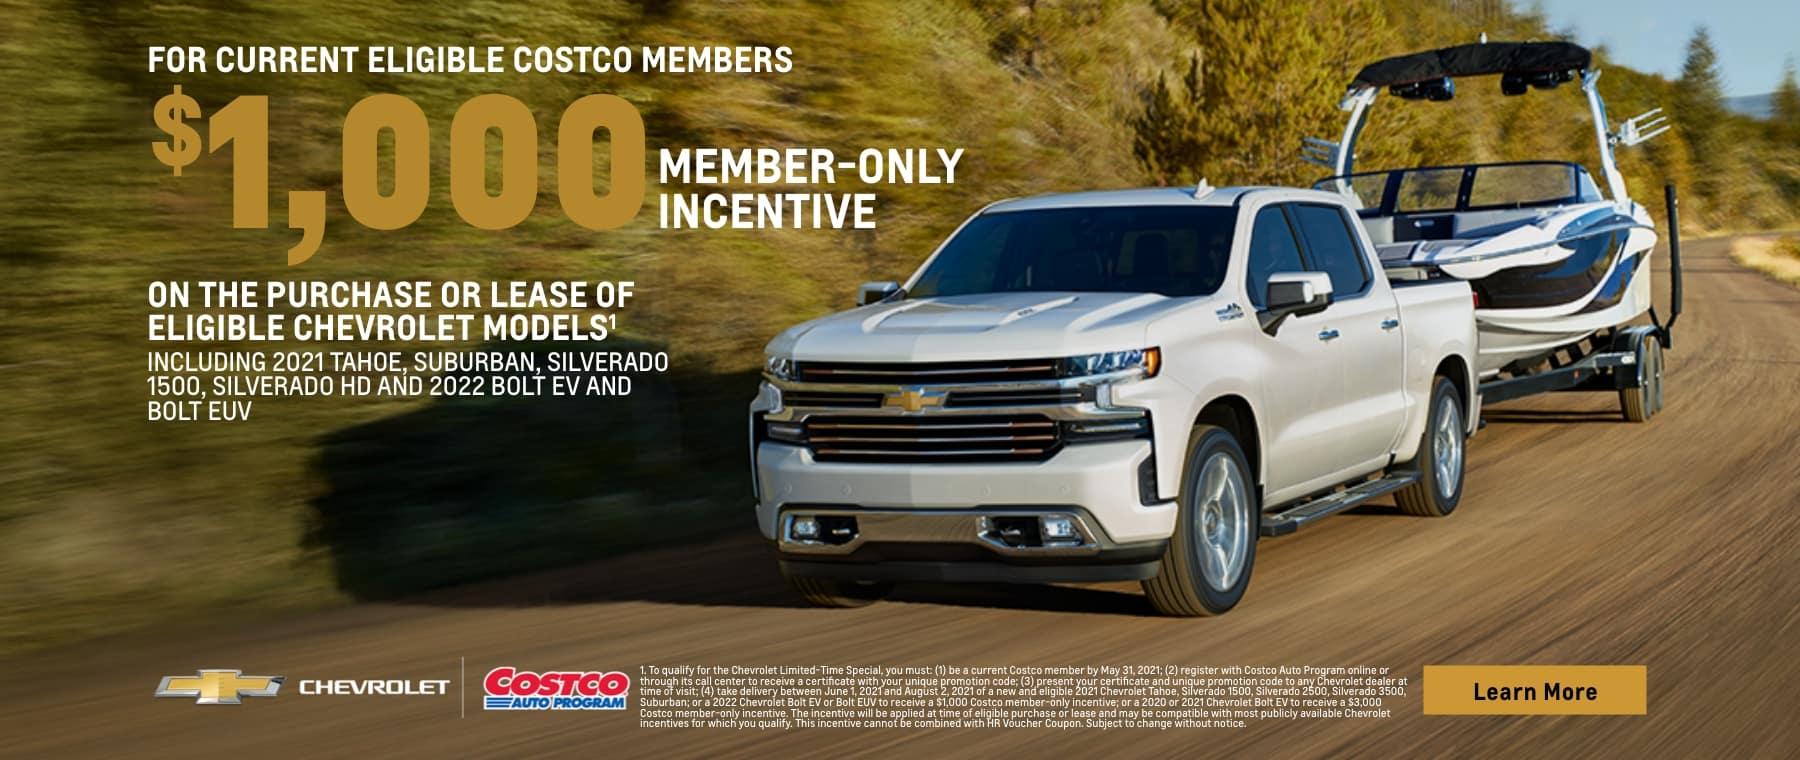 1000 costco member incentive